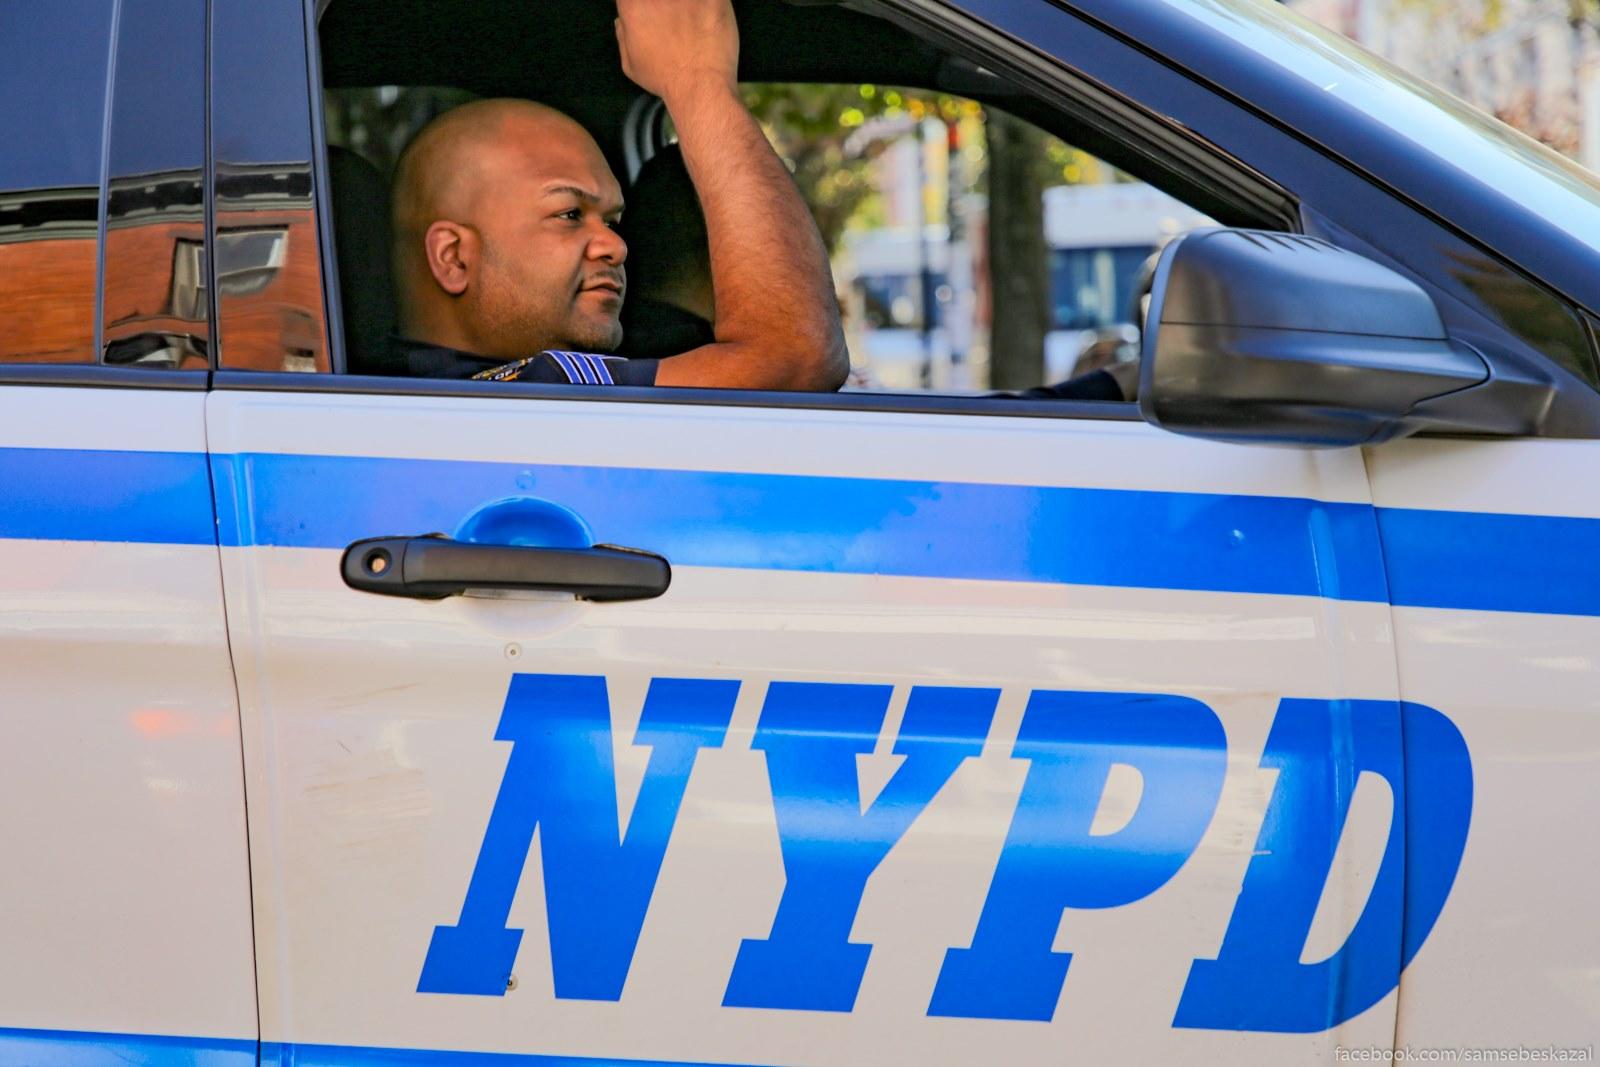 Nʹu-Jorkskij policejskij. Uilʹamsburg.